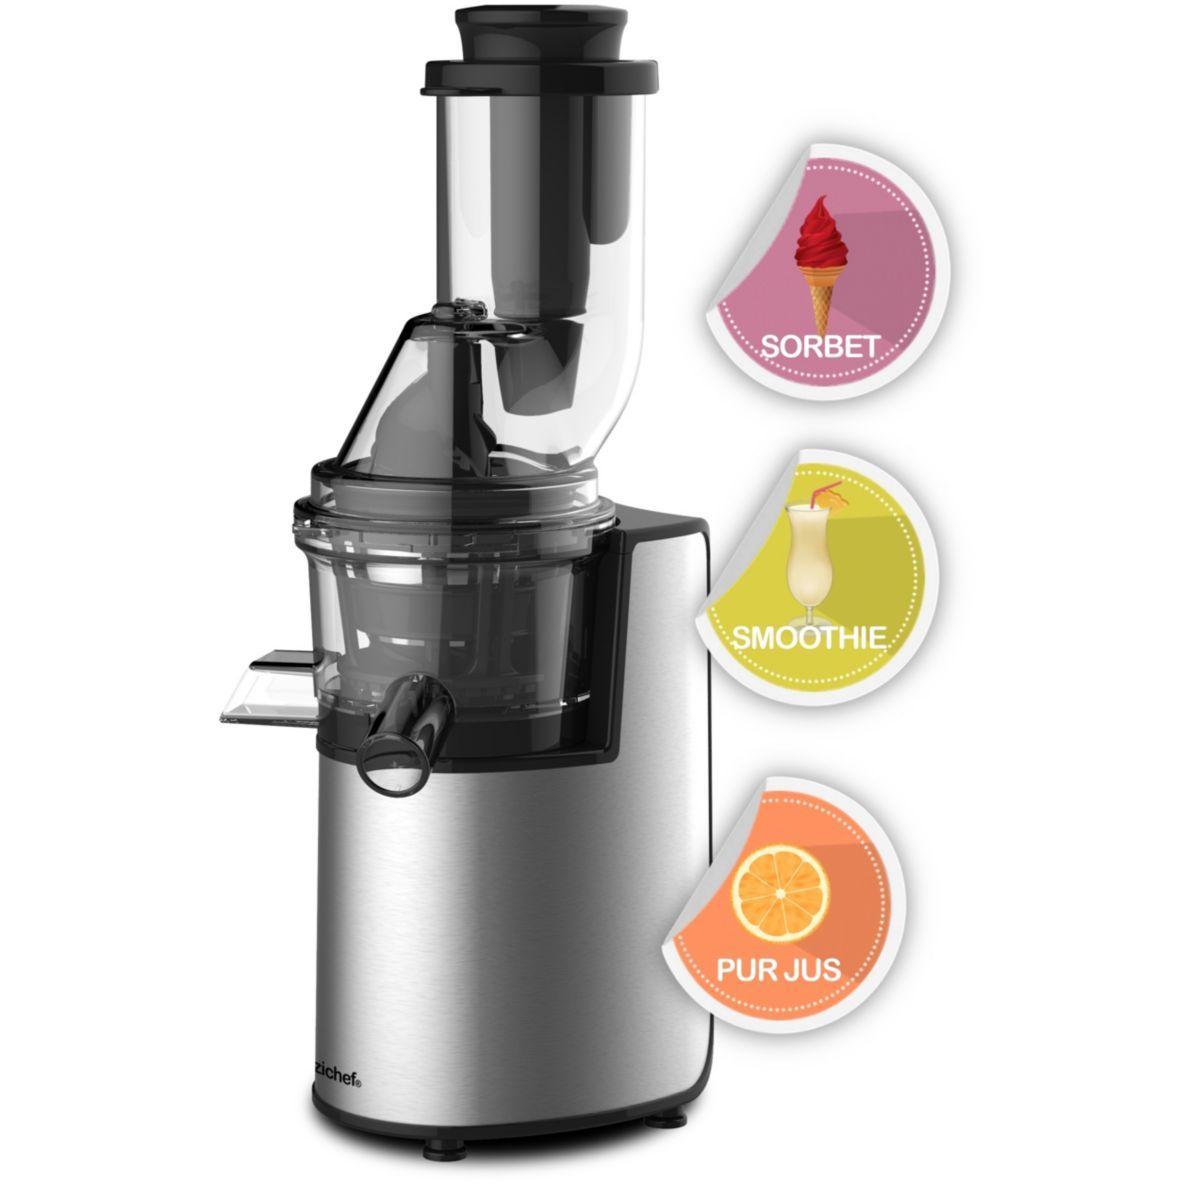 Extracteur de jus e.zichef vitamin xl smoothie et sorbet - livraison offerte : code liv (photo)